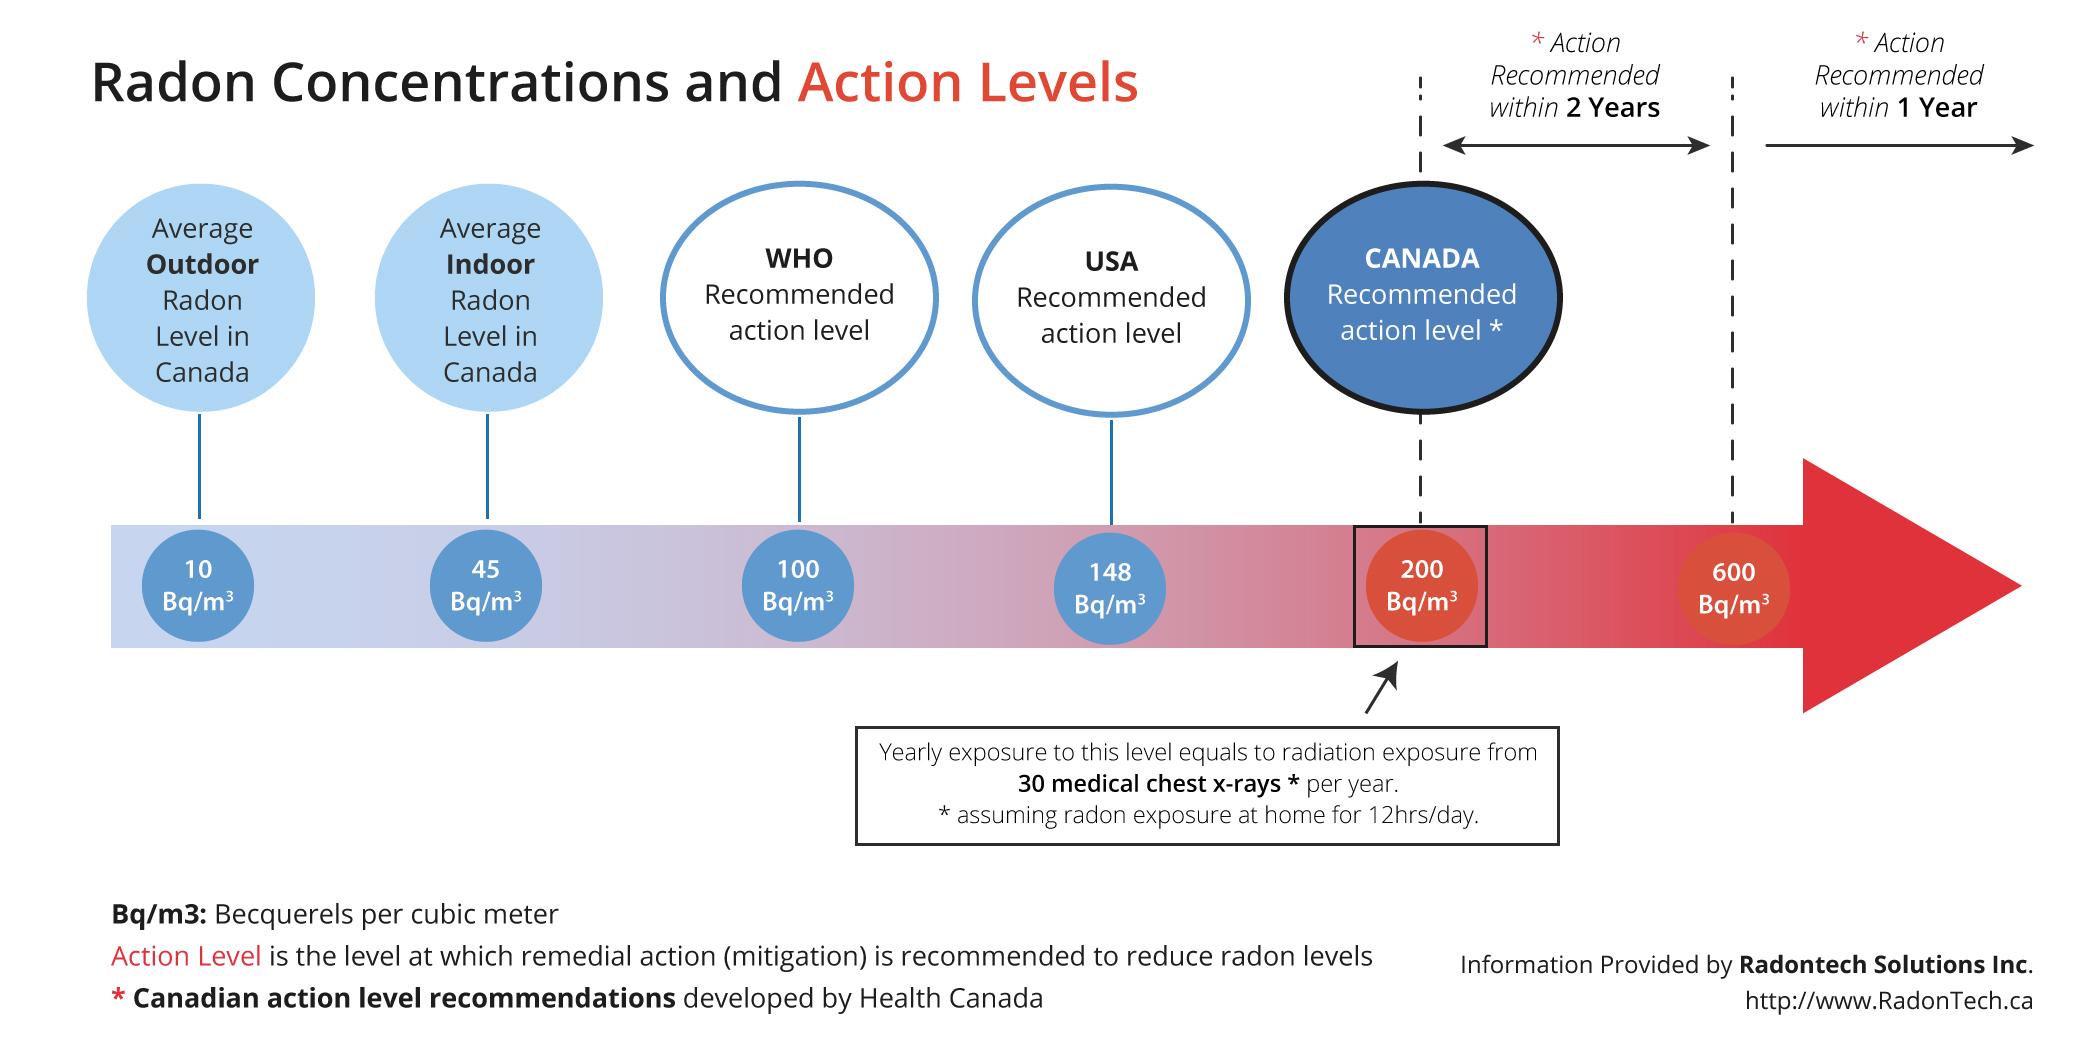 Radon_Action_Levels_Canada-HD.jpg